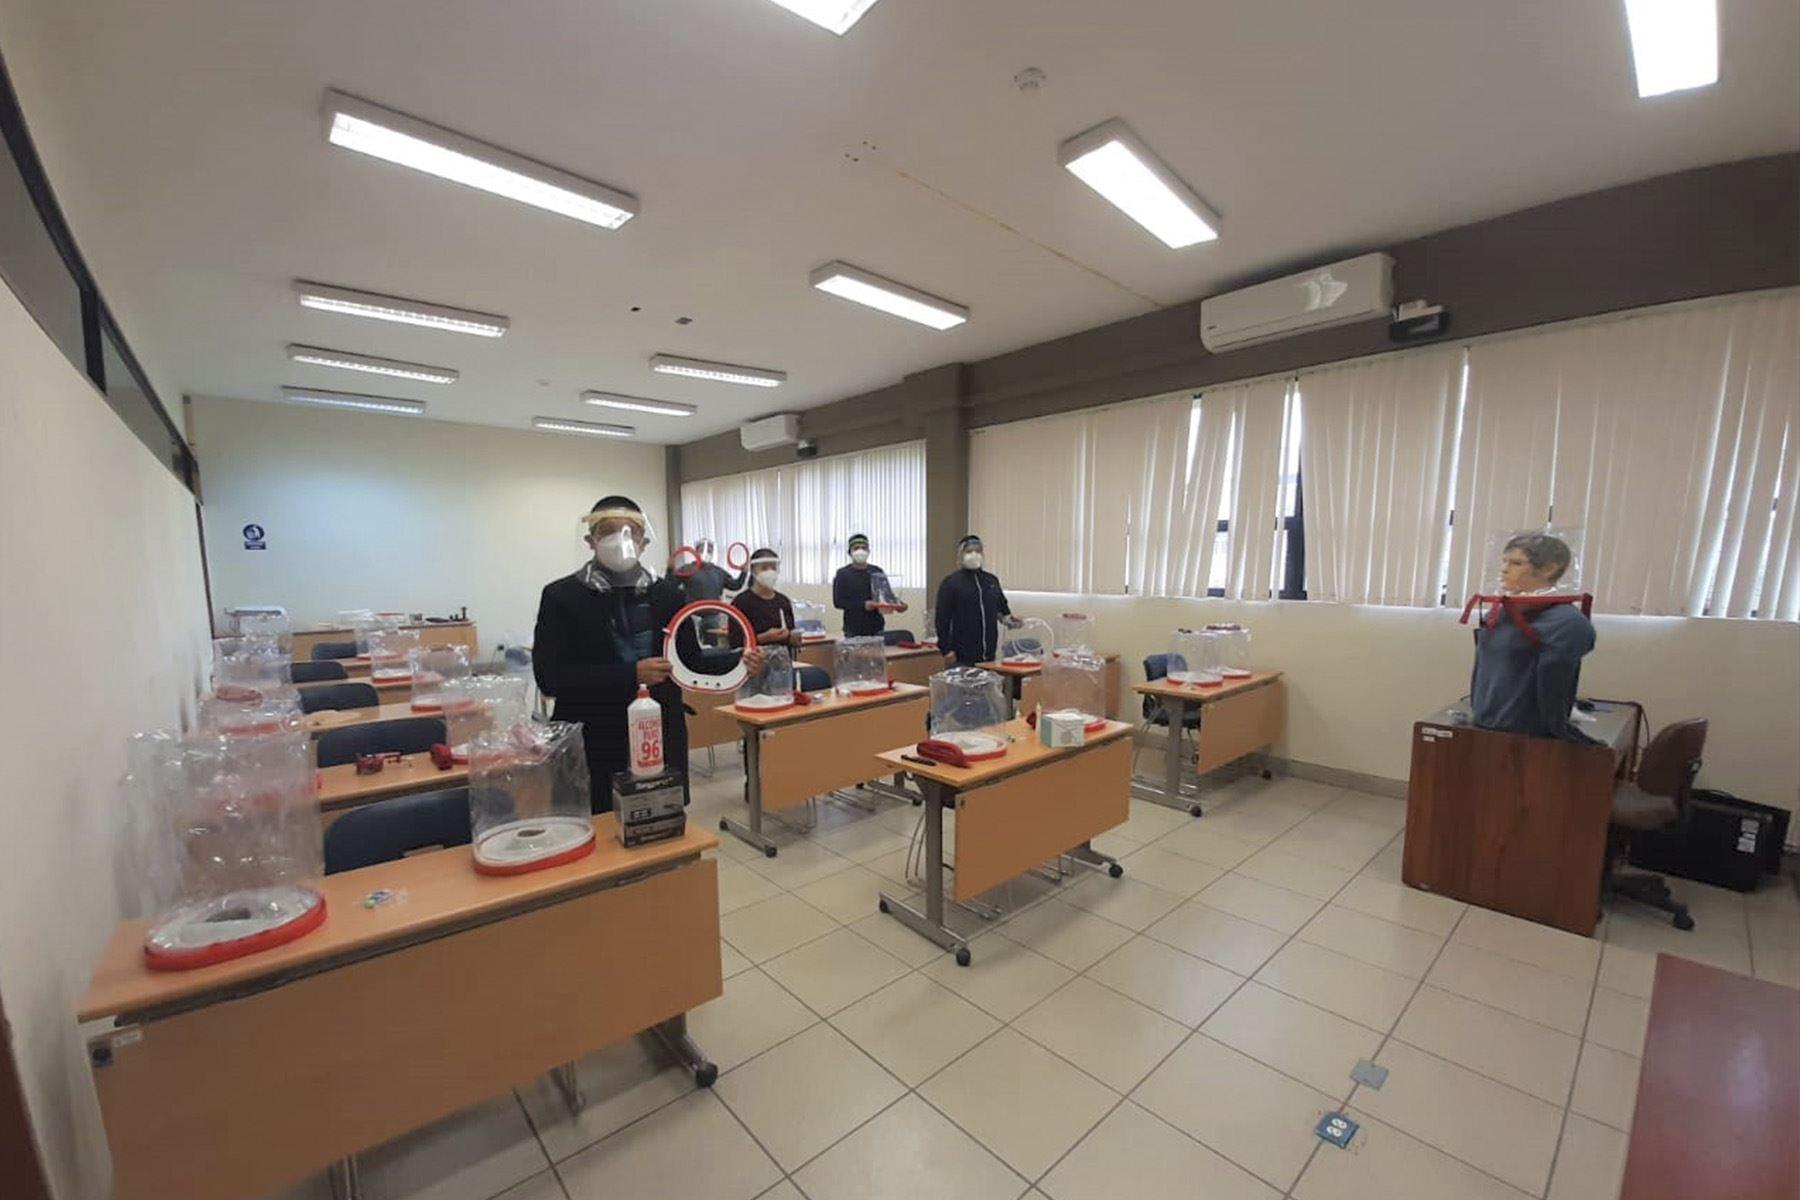 El novedoso Oxigenador no invasivo diseñado por un equipo de investigación de la Universidad Nacional de Ingeniería (UNI) ya está siendo utilizado en decenas de hospitales.